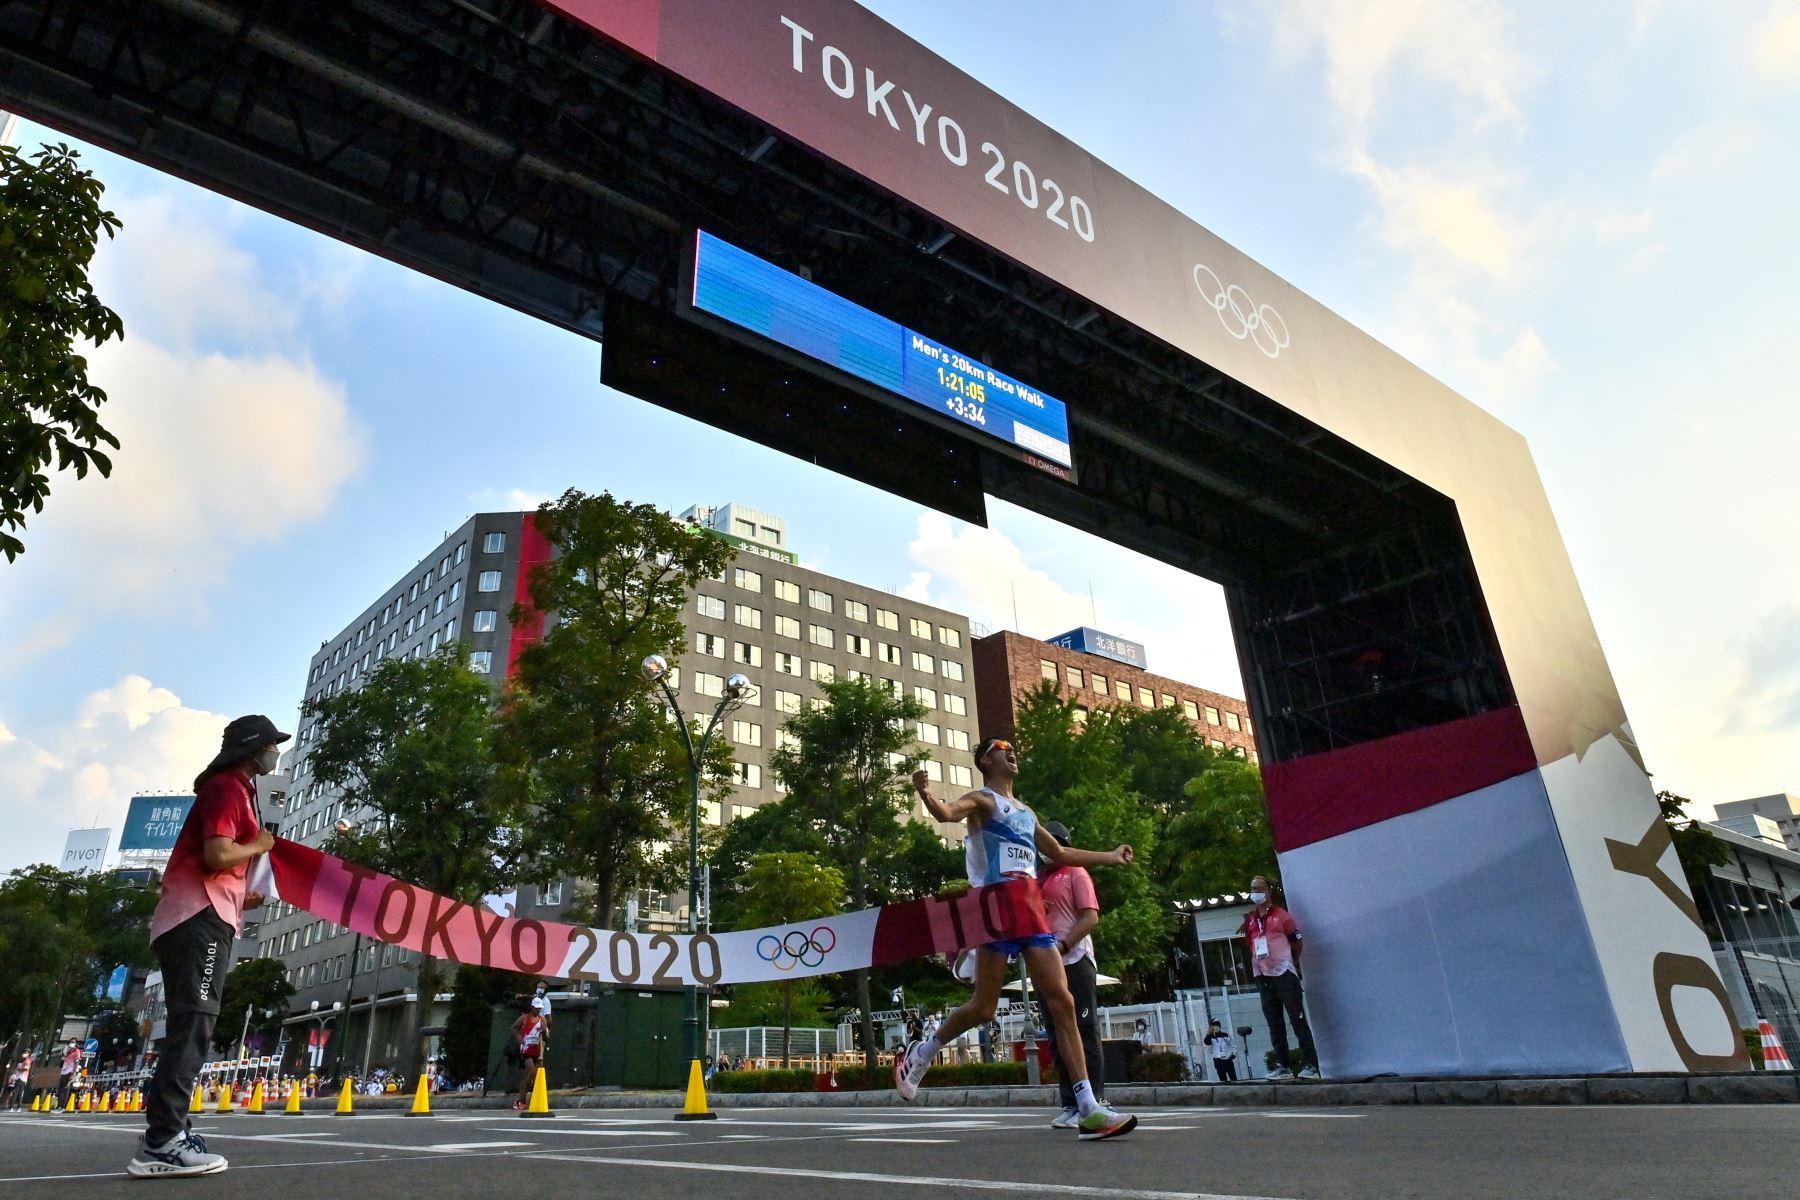 Massimo Stano de Italia gana la final masculina de 20 km a pie durante los Juegos Olímpicos de Tokio 2020 en el Parque Sapporo Odori.Foto: AFP